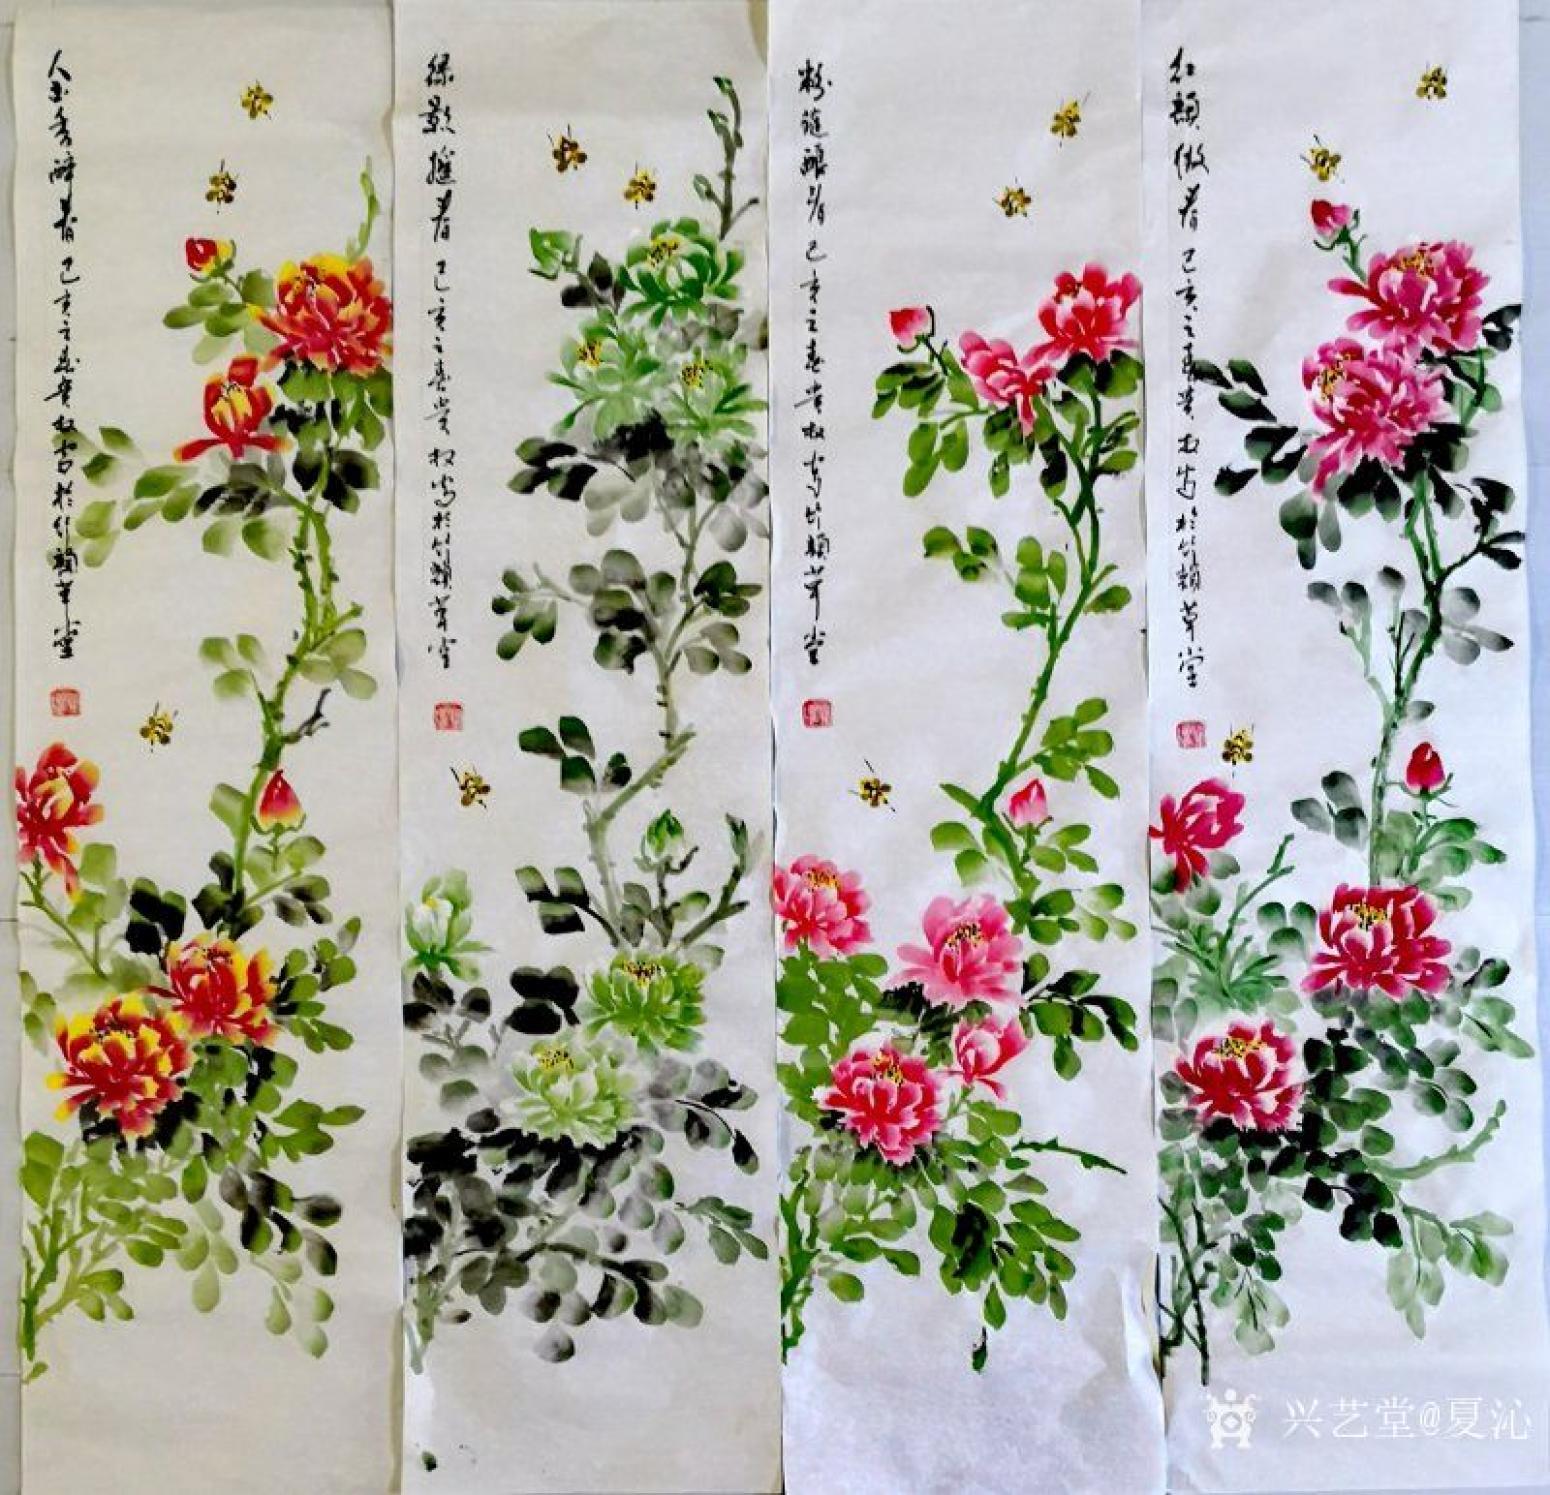 夏沁国画作品《四条屏》